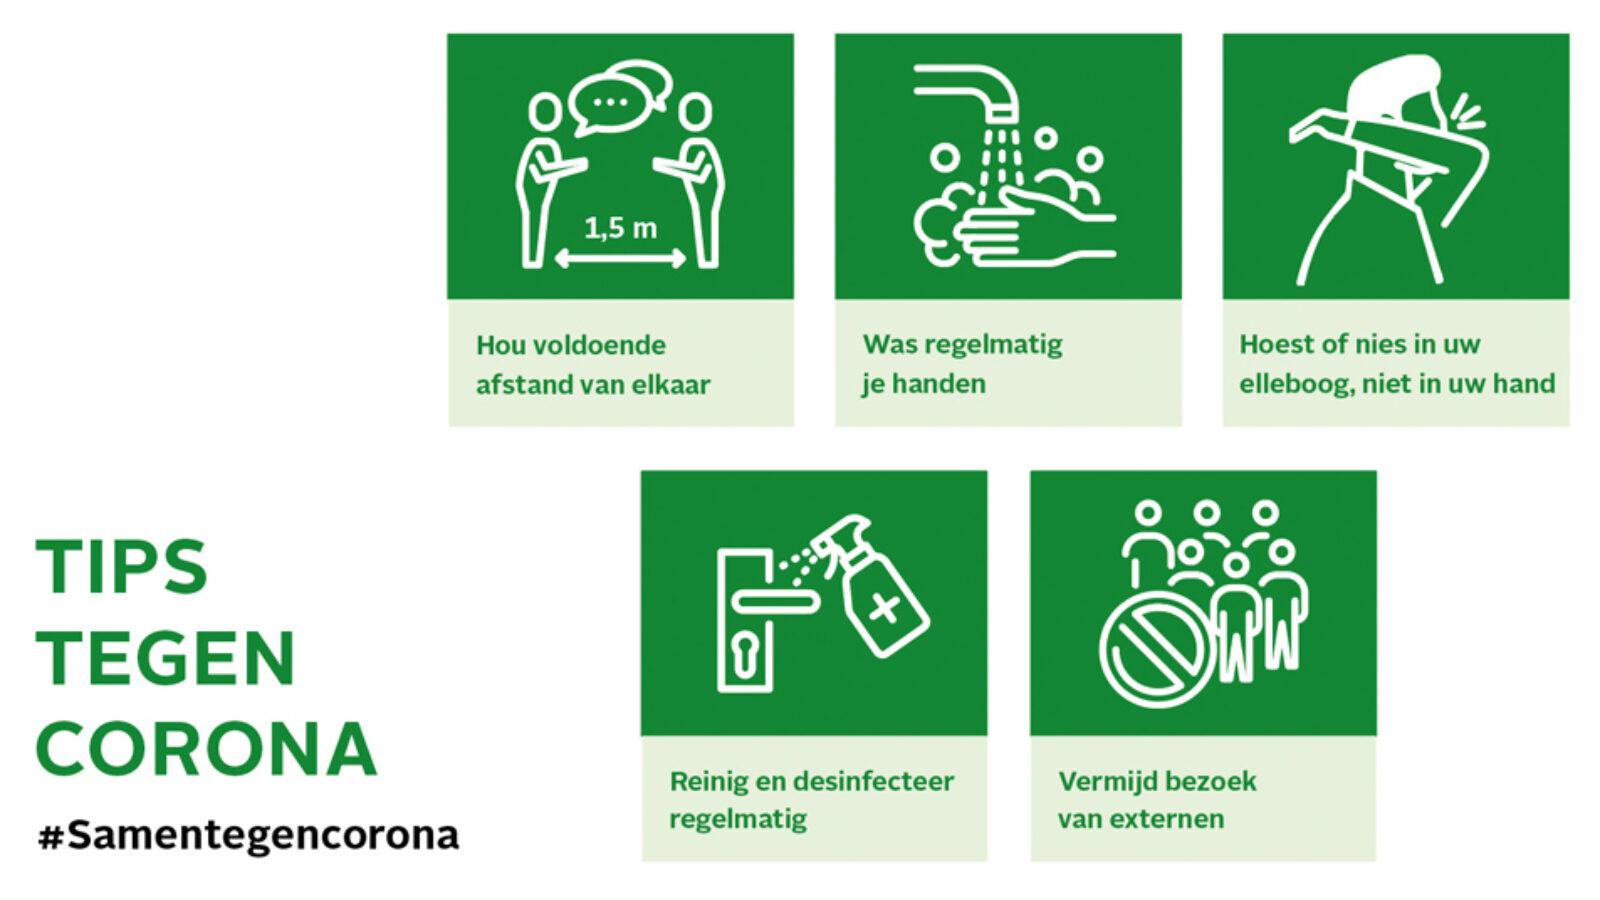 Tips corona maatregelen